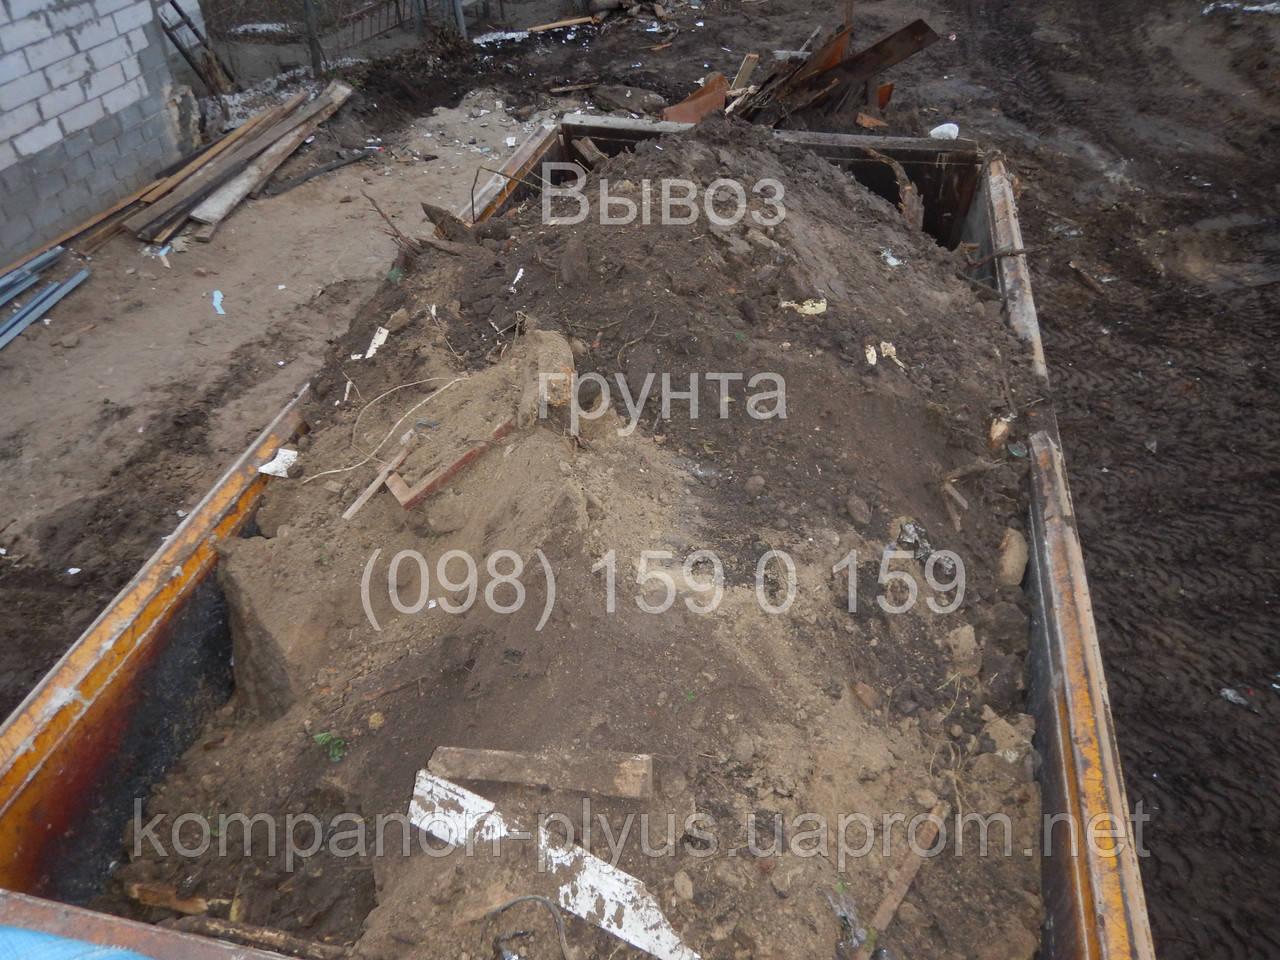 Вивіз будівельного сміття (098) 159 159 0